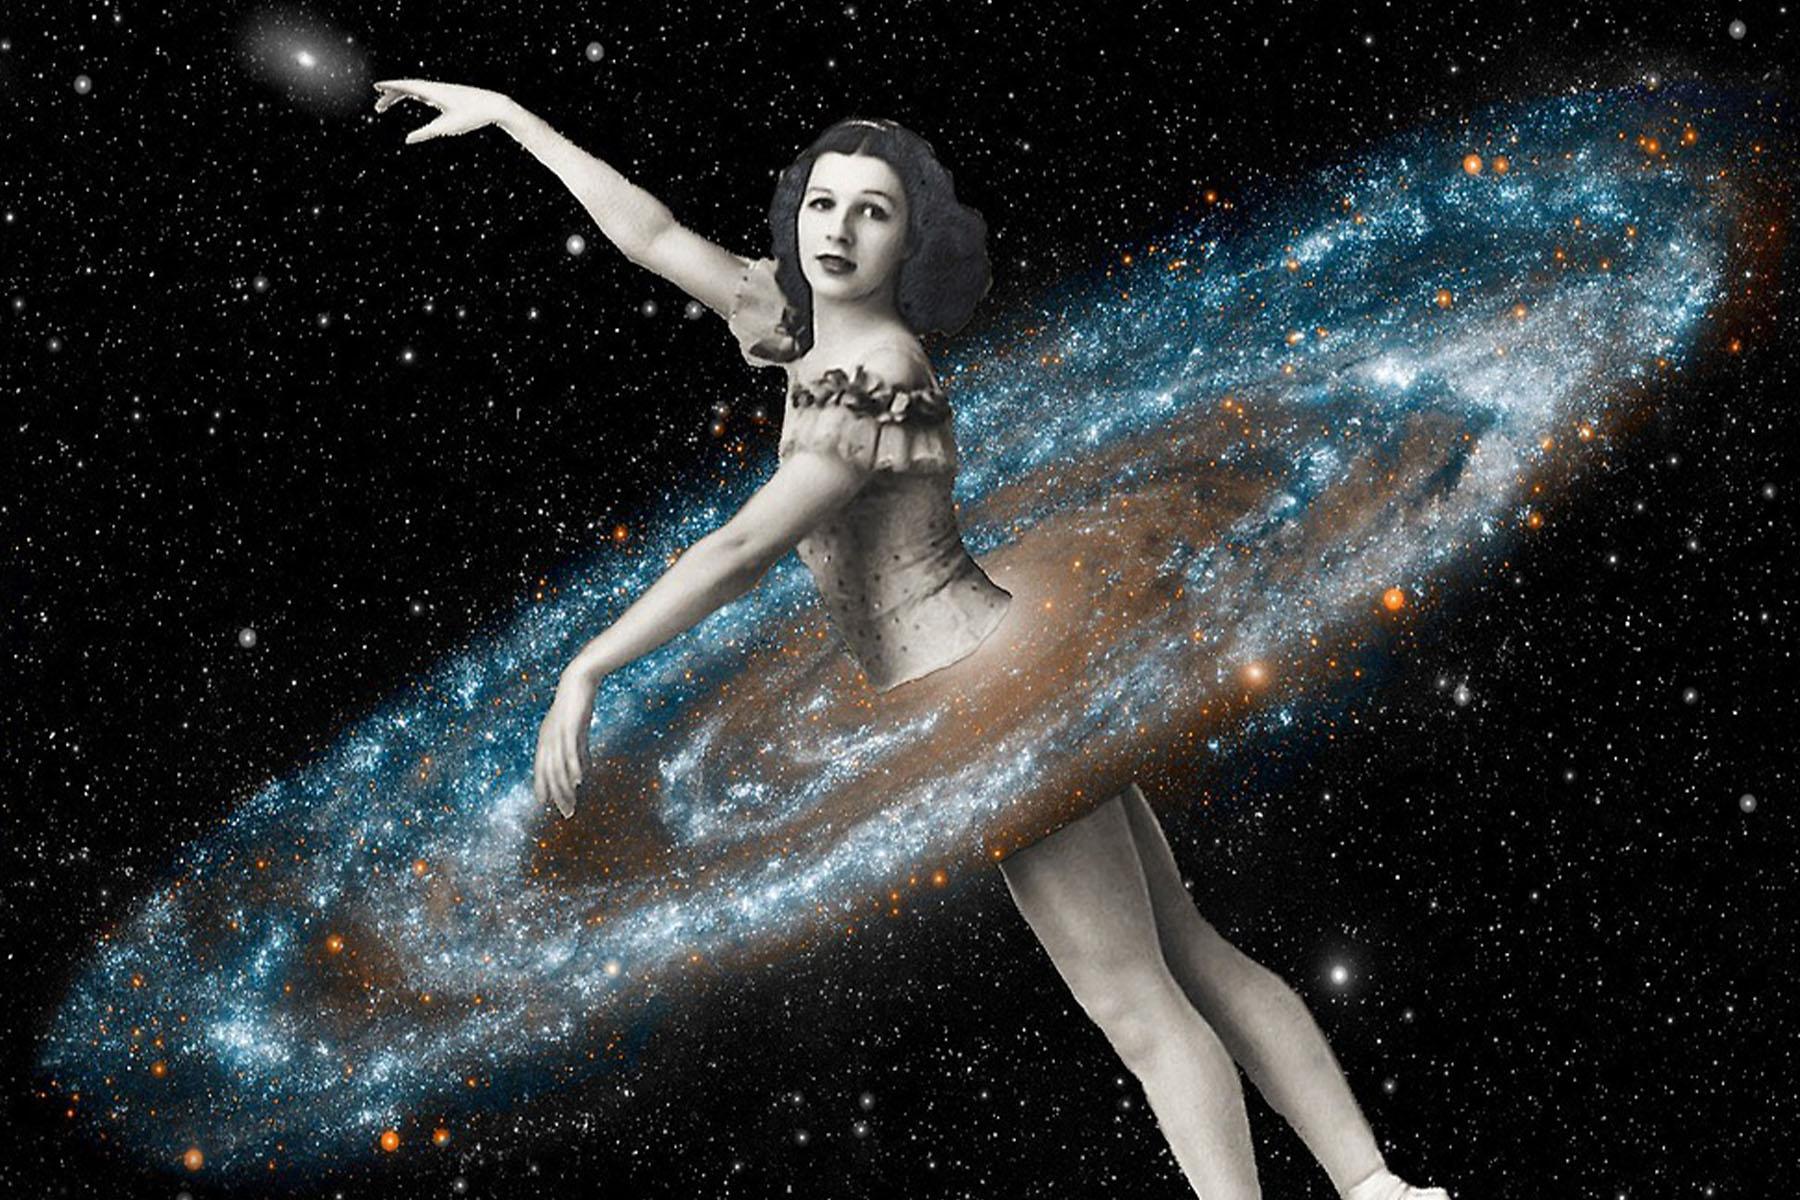 cosmic ballerina